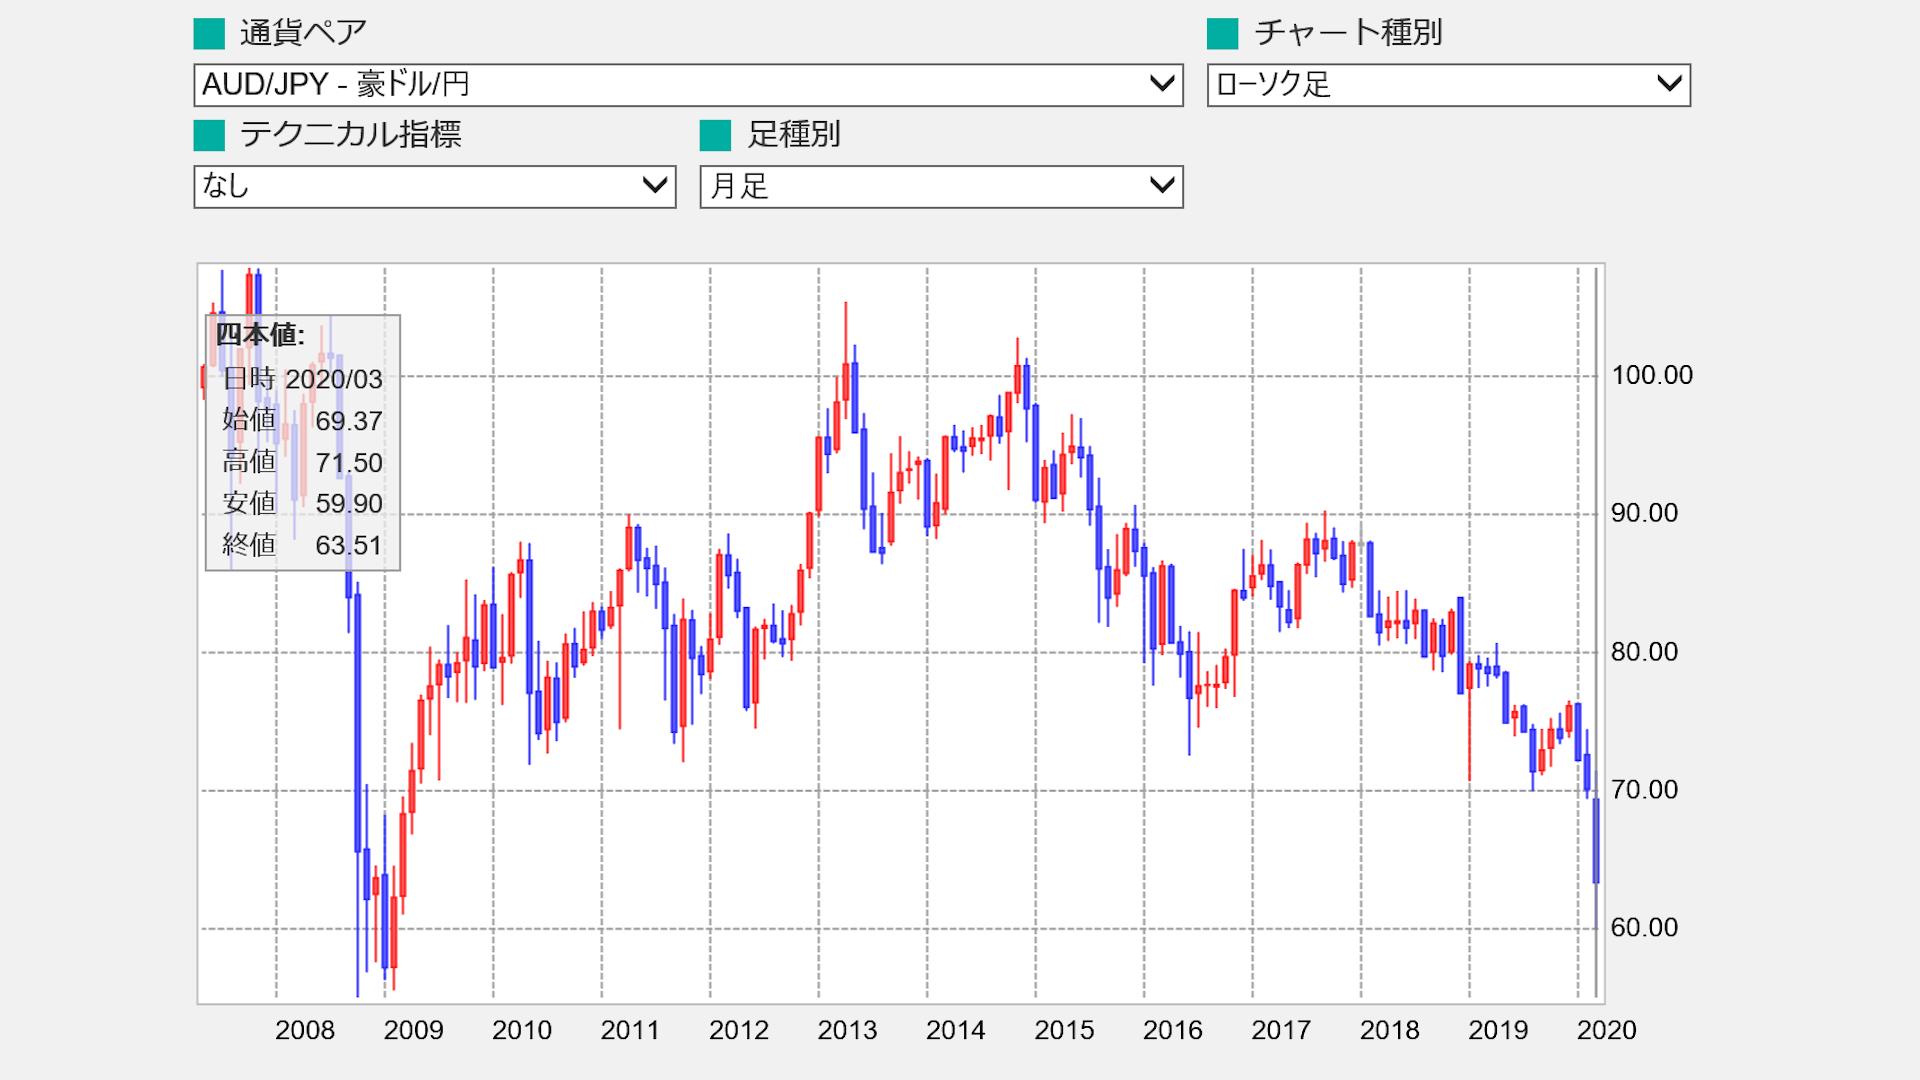 オーストラリアドル / 日本円のレートが過去最低水準の60円台に